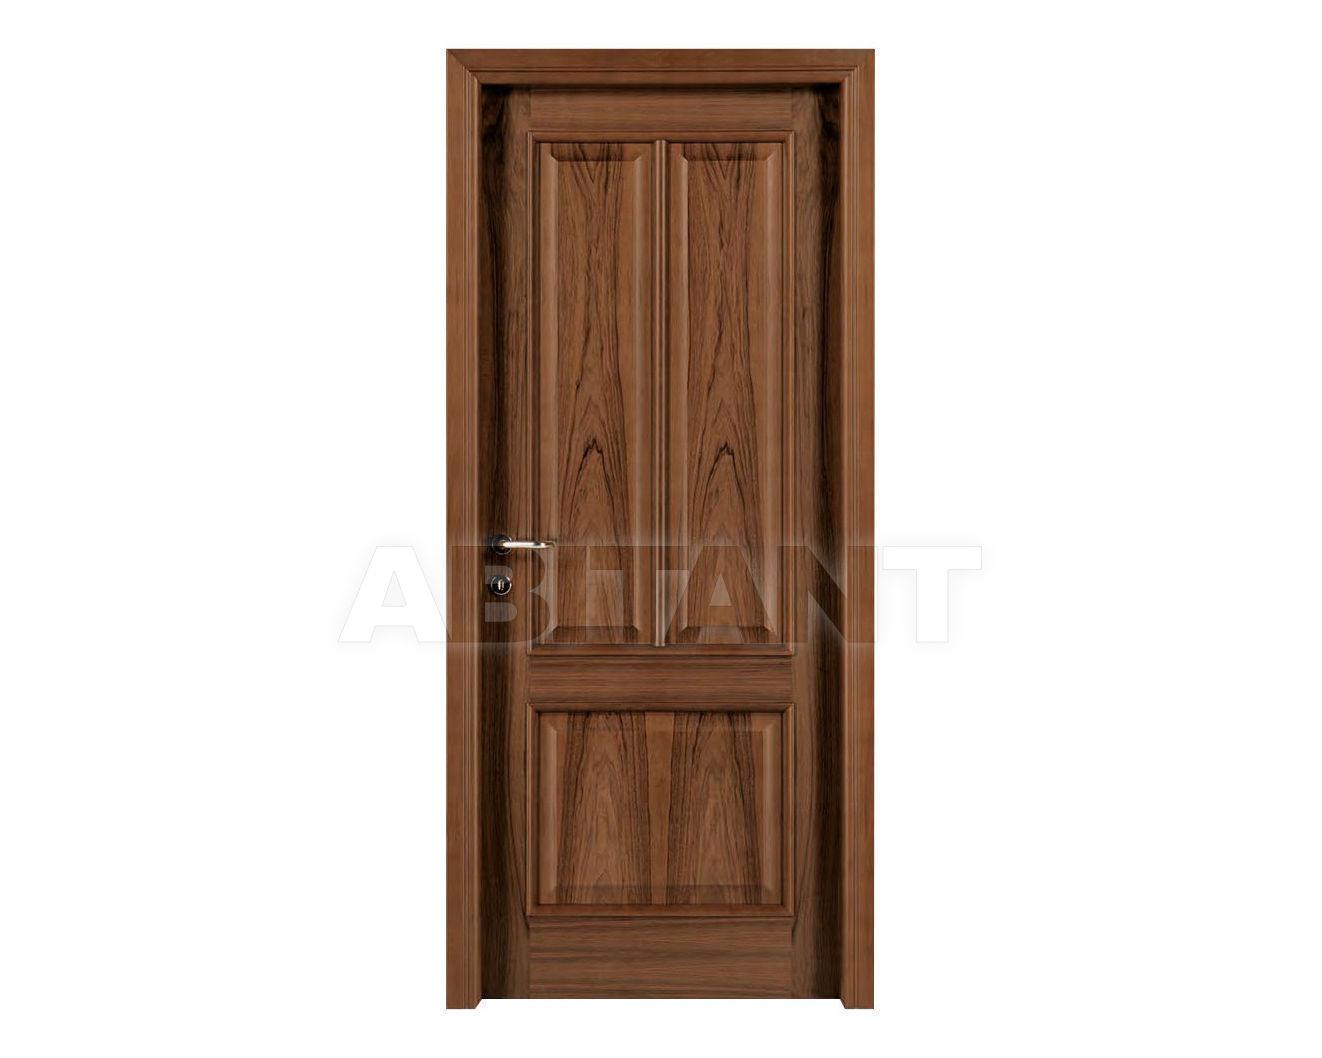 Купить Дверь деревянная Fioravazzi Classiche SERENA CIECA